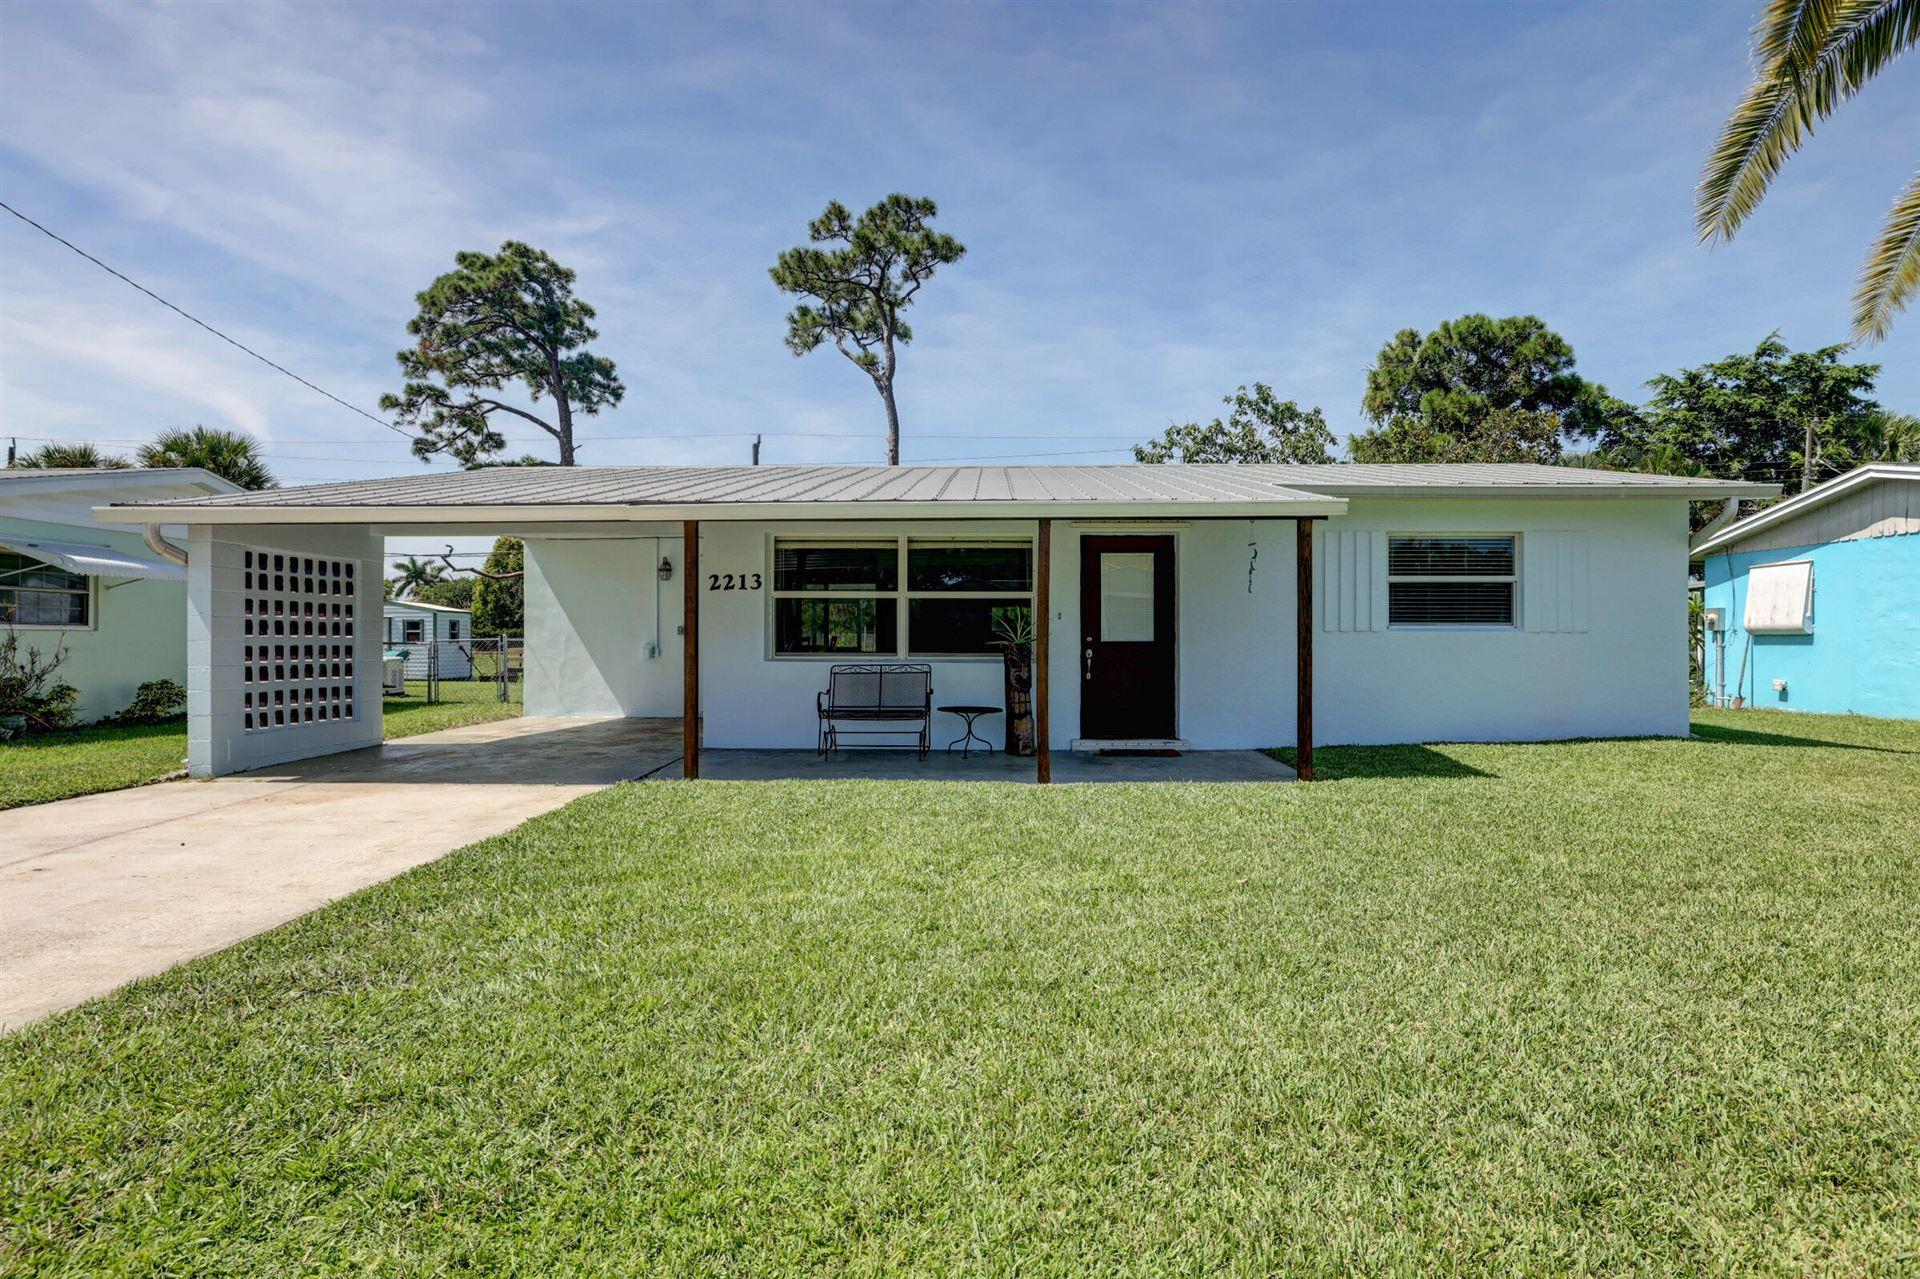 2213 SE Washington Street, Stuart, FL 34997 - #: RX-10743847